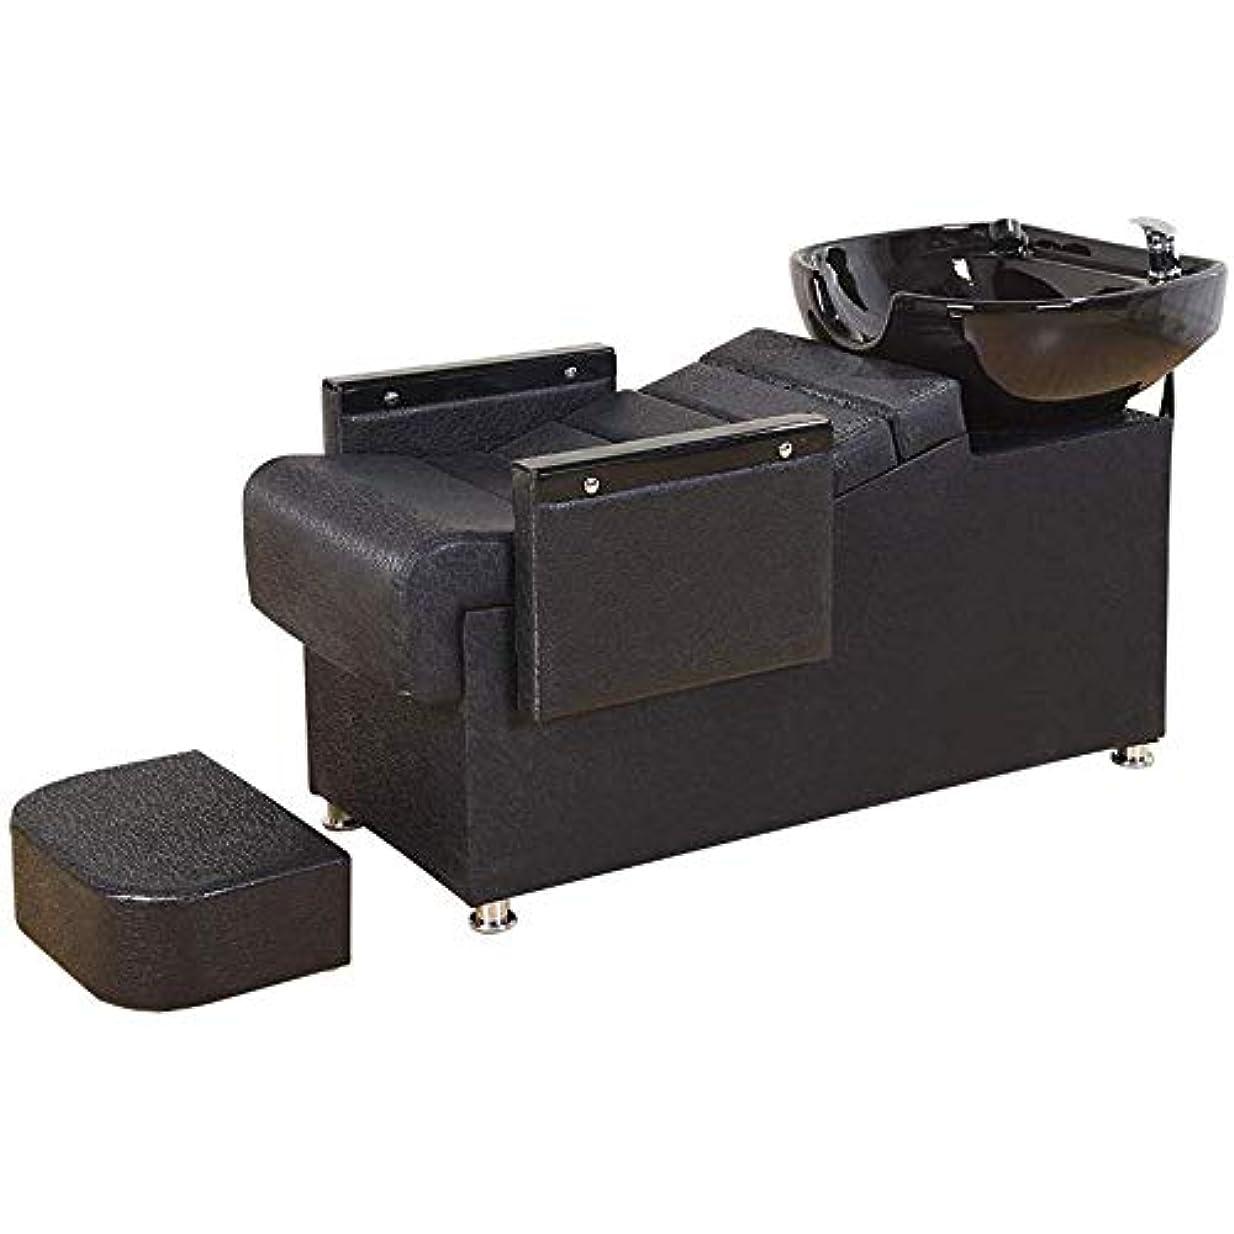 アレキサンダーグラハムベルマナー毒性シャンプー椅子、逆洗ユニットシャンプーボウル理髪店理髪店シンクチェアスパ用美容院機器